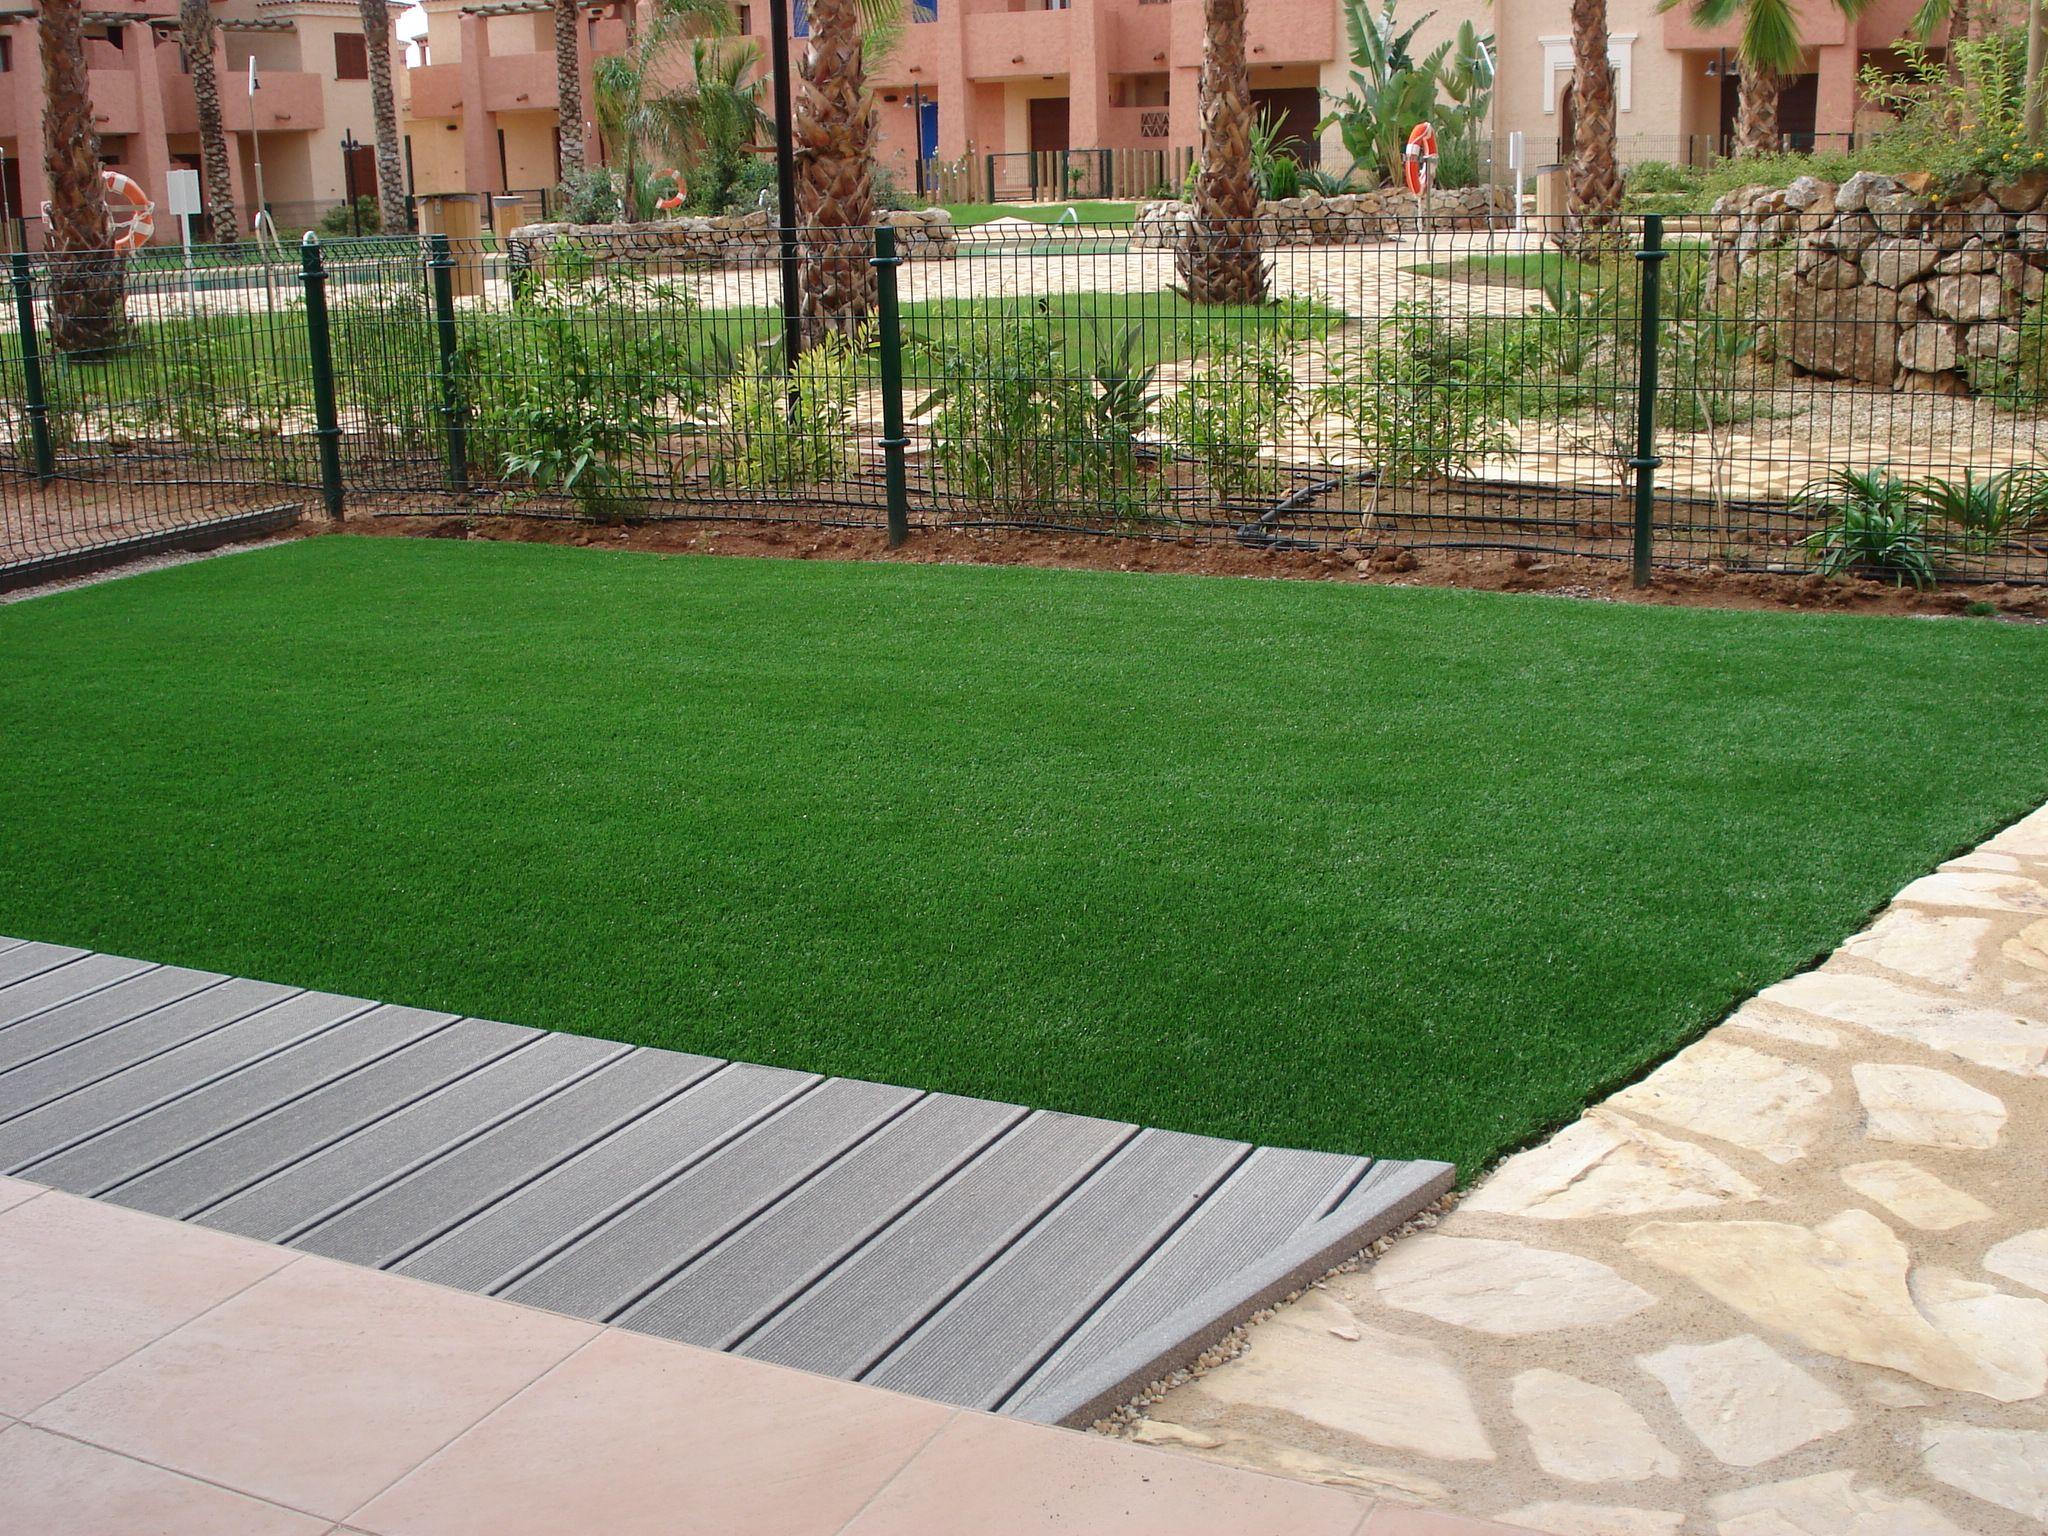 Jardin de un bajo con cesped artificil y tarima exterior #jardinesconcespedartificial